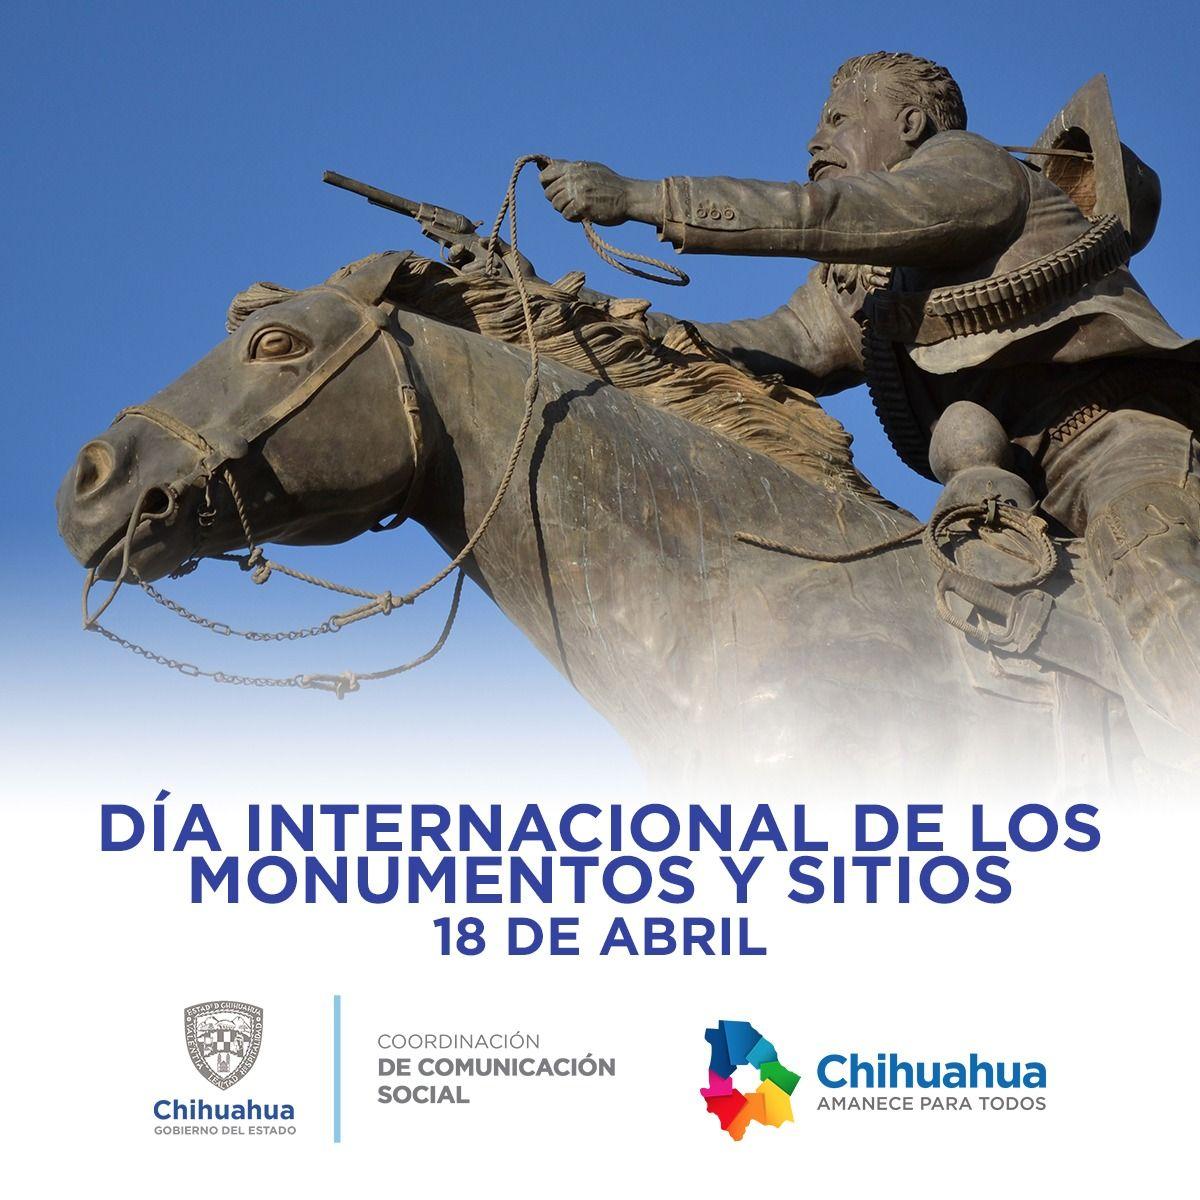 Hoy,18 de abril, es el Día Internacional de los Monumentos y Sitios. #ComSocChih #GobiernodeChihuahua